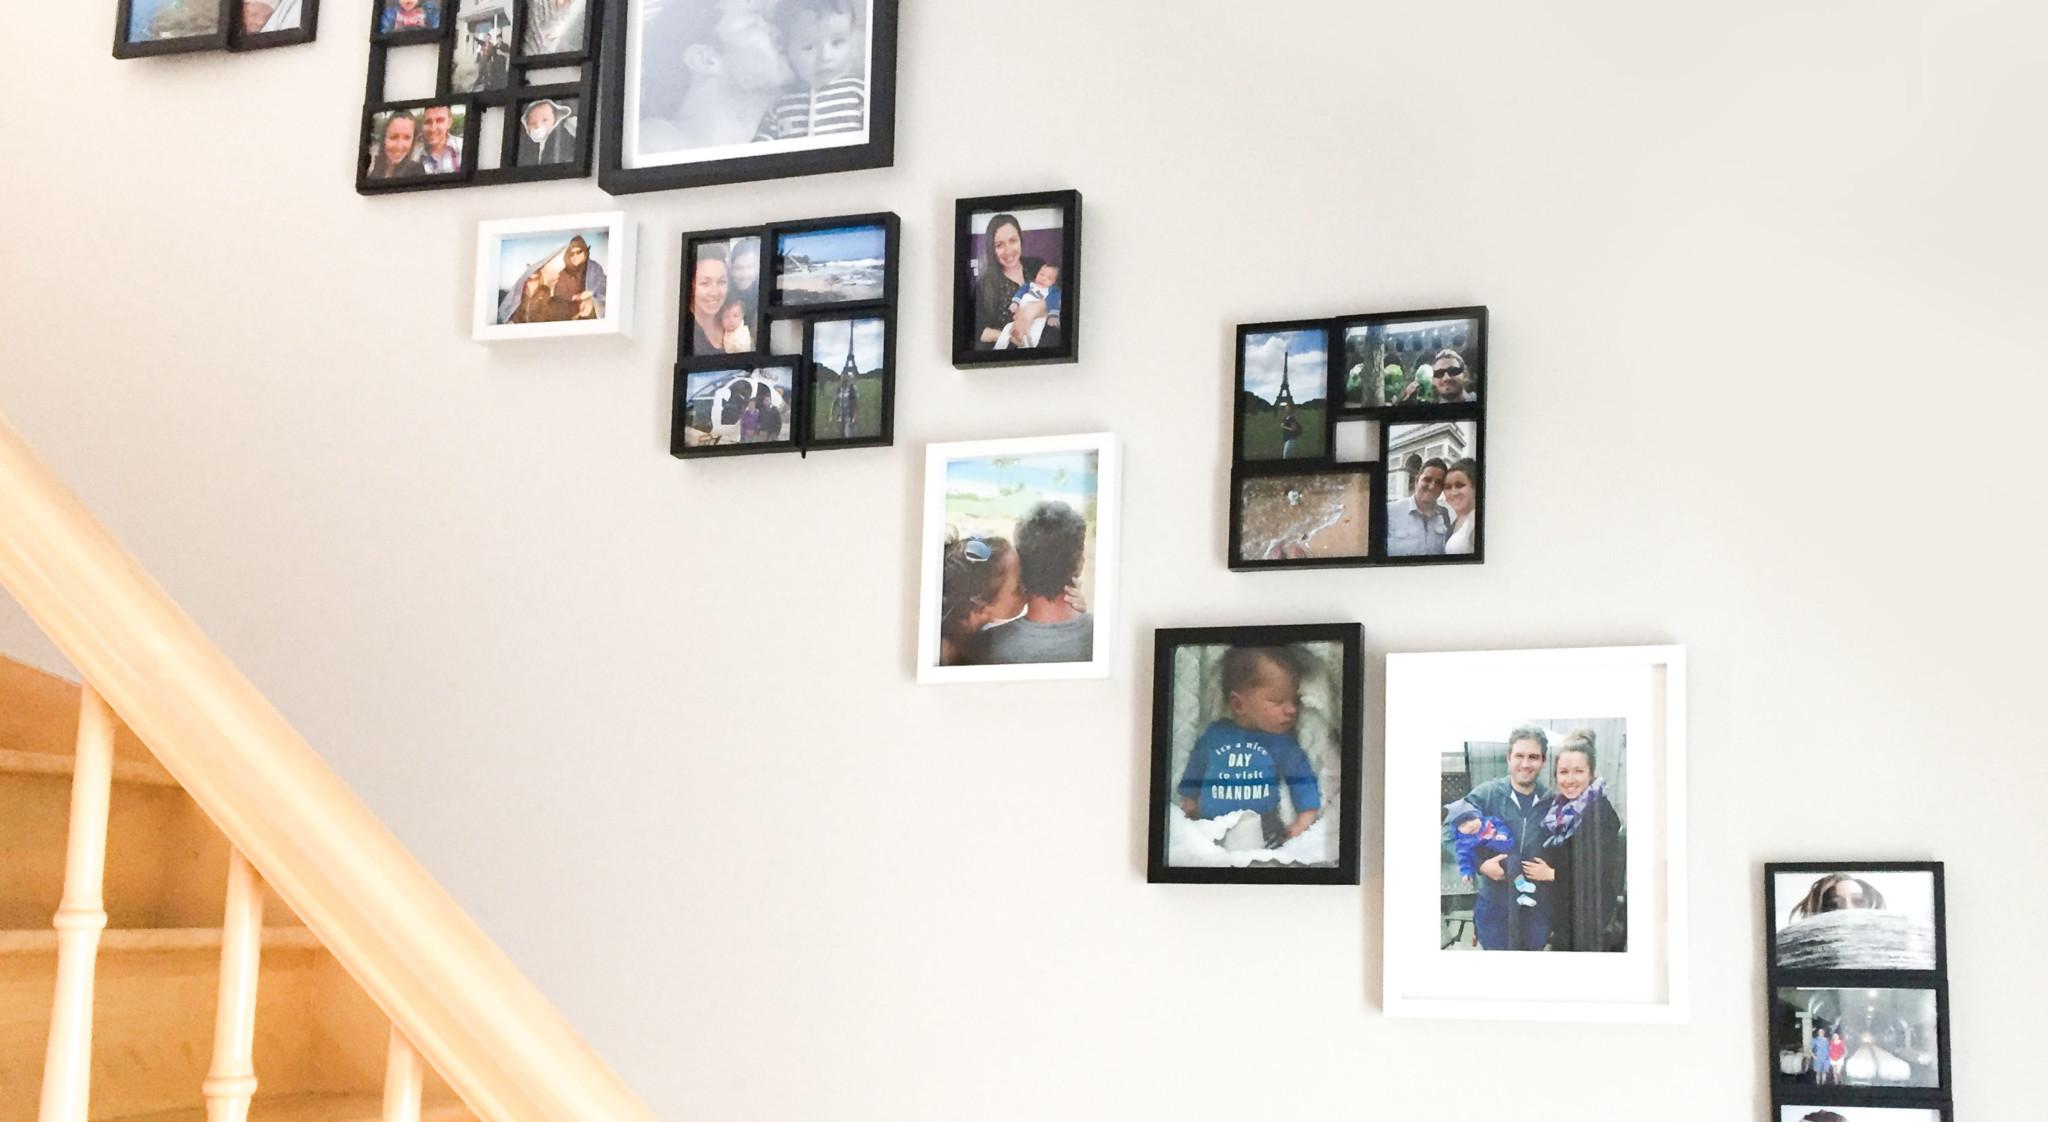 Quelle Couleur Pour Une Cage D Escalier comment décorer ta cage d'escalier avec tes photos et la